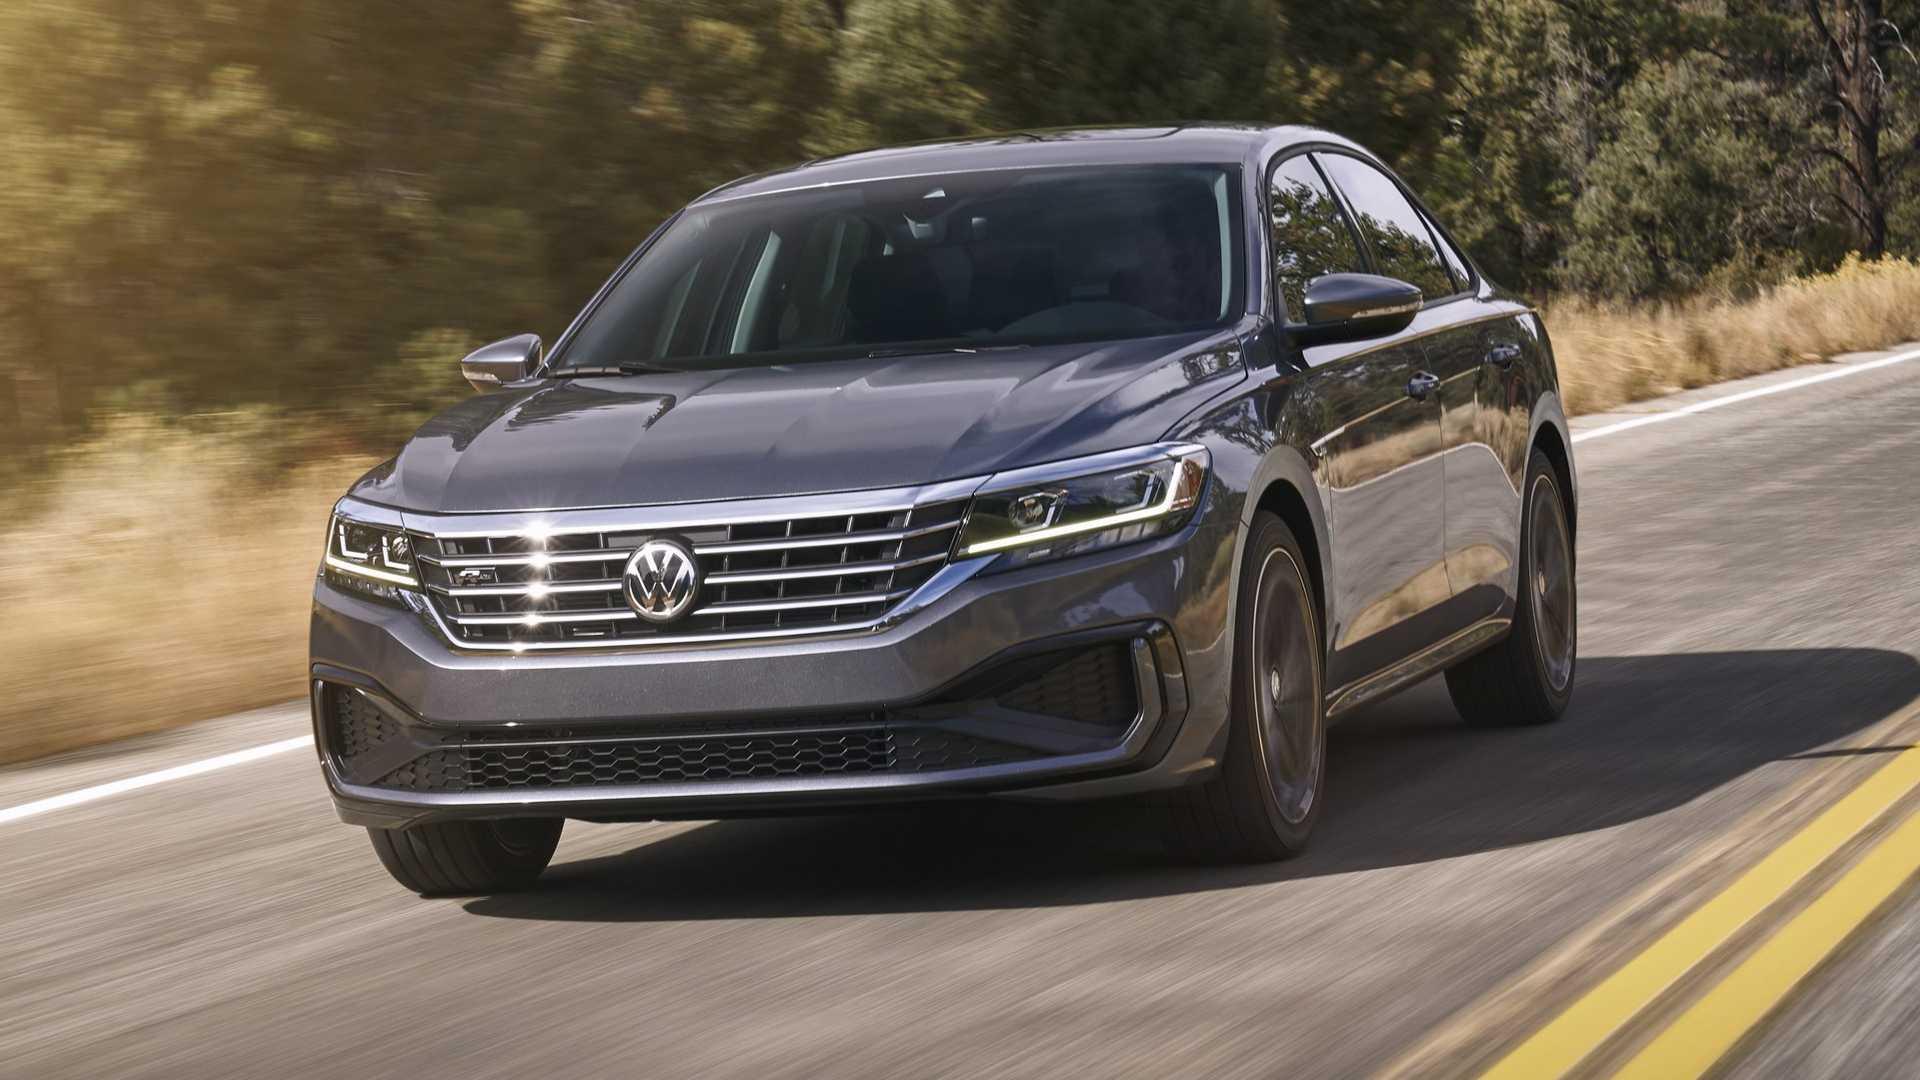 2020 Volkswagen Passat özellikleri Ve Fiyatı Shiftdeletenet